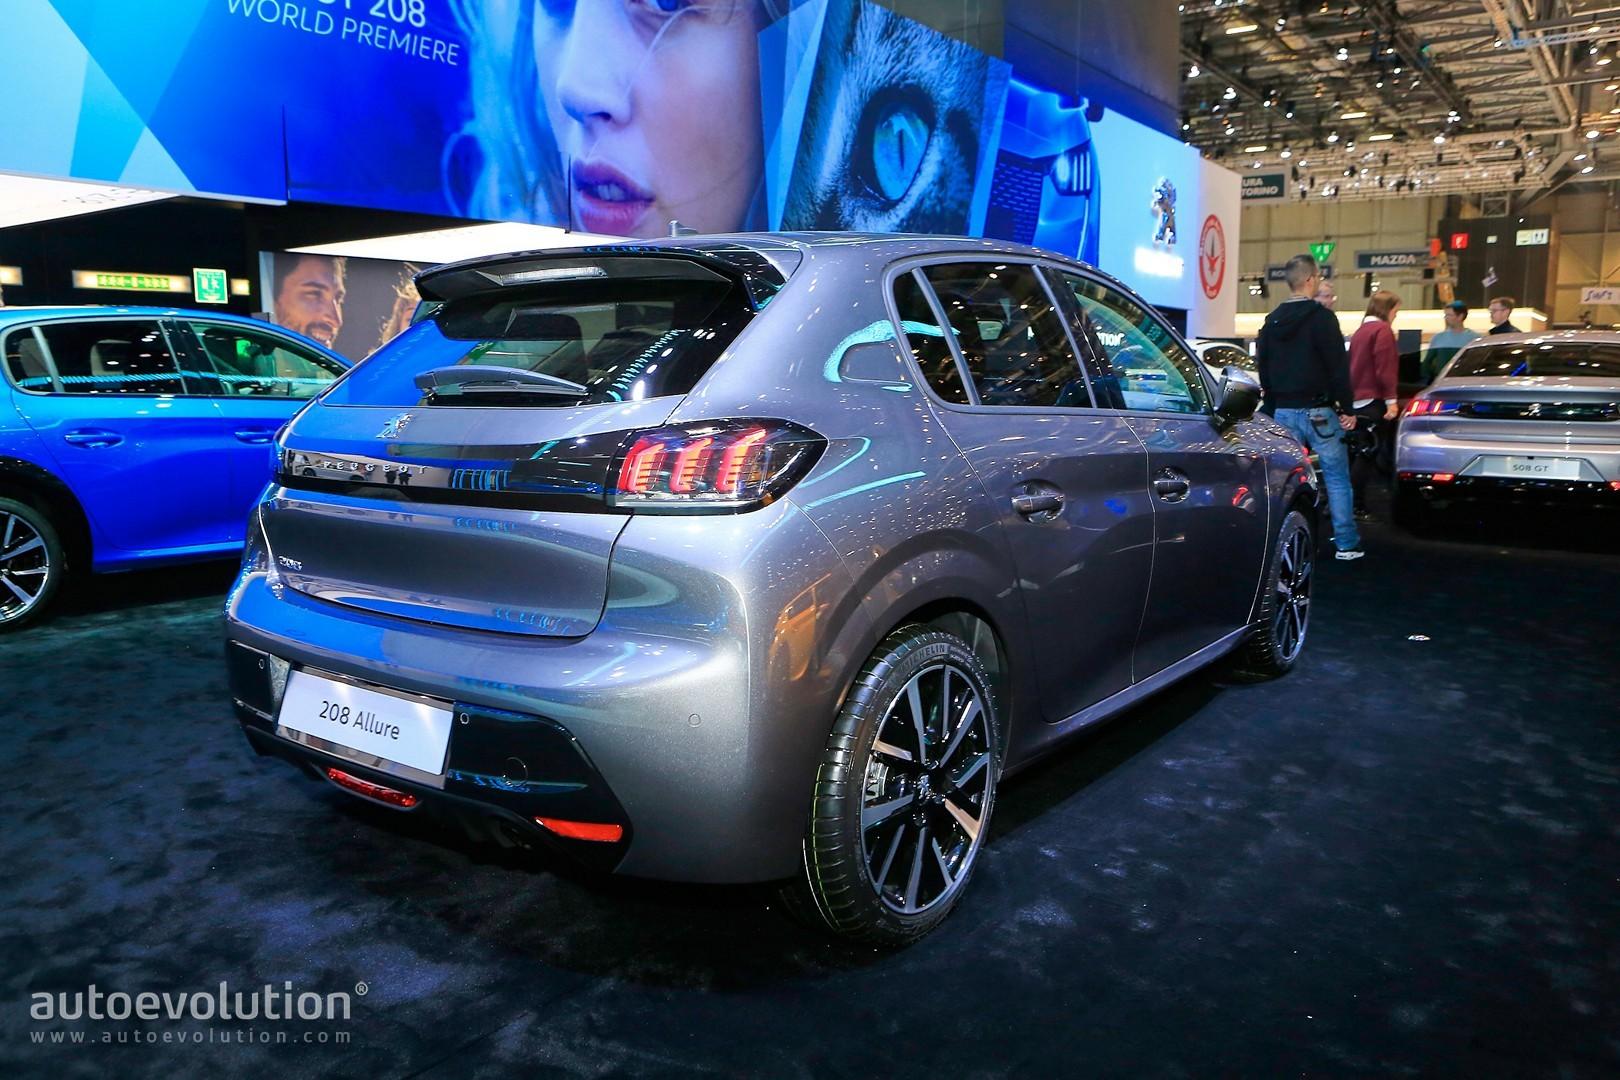 2020 Peugeot 208 Resets Modern Hatch Design At Geneva 2019